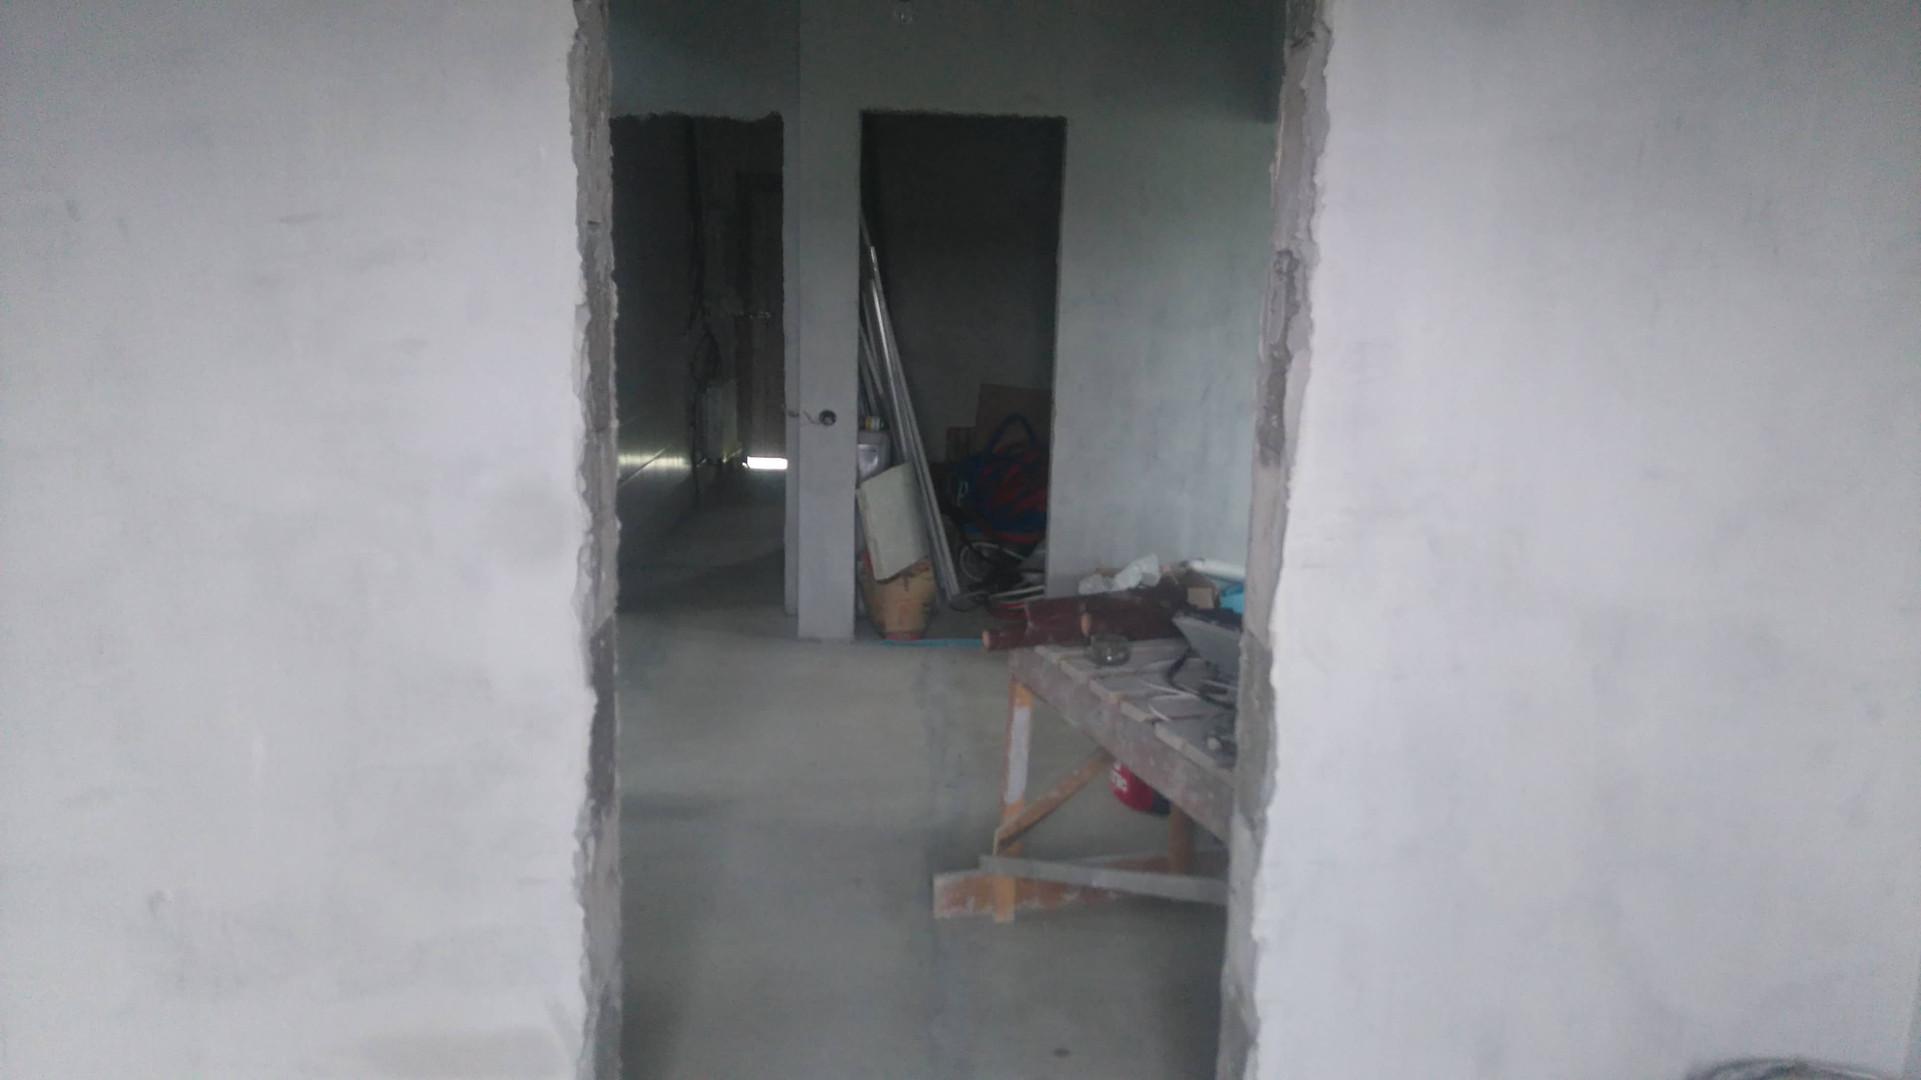 DSC_2011-min.JPG